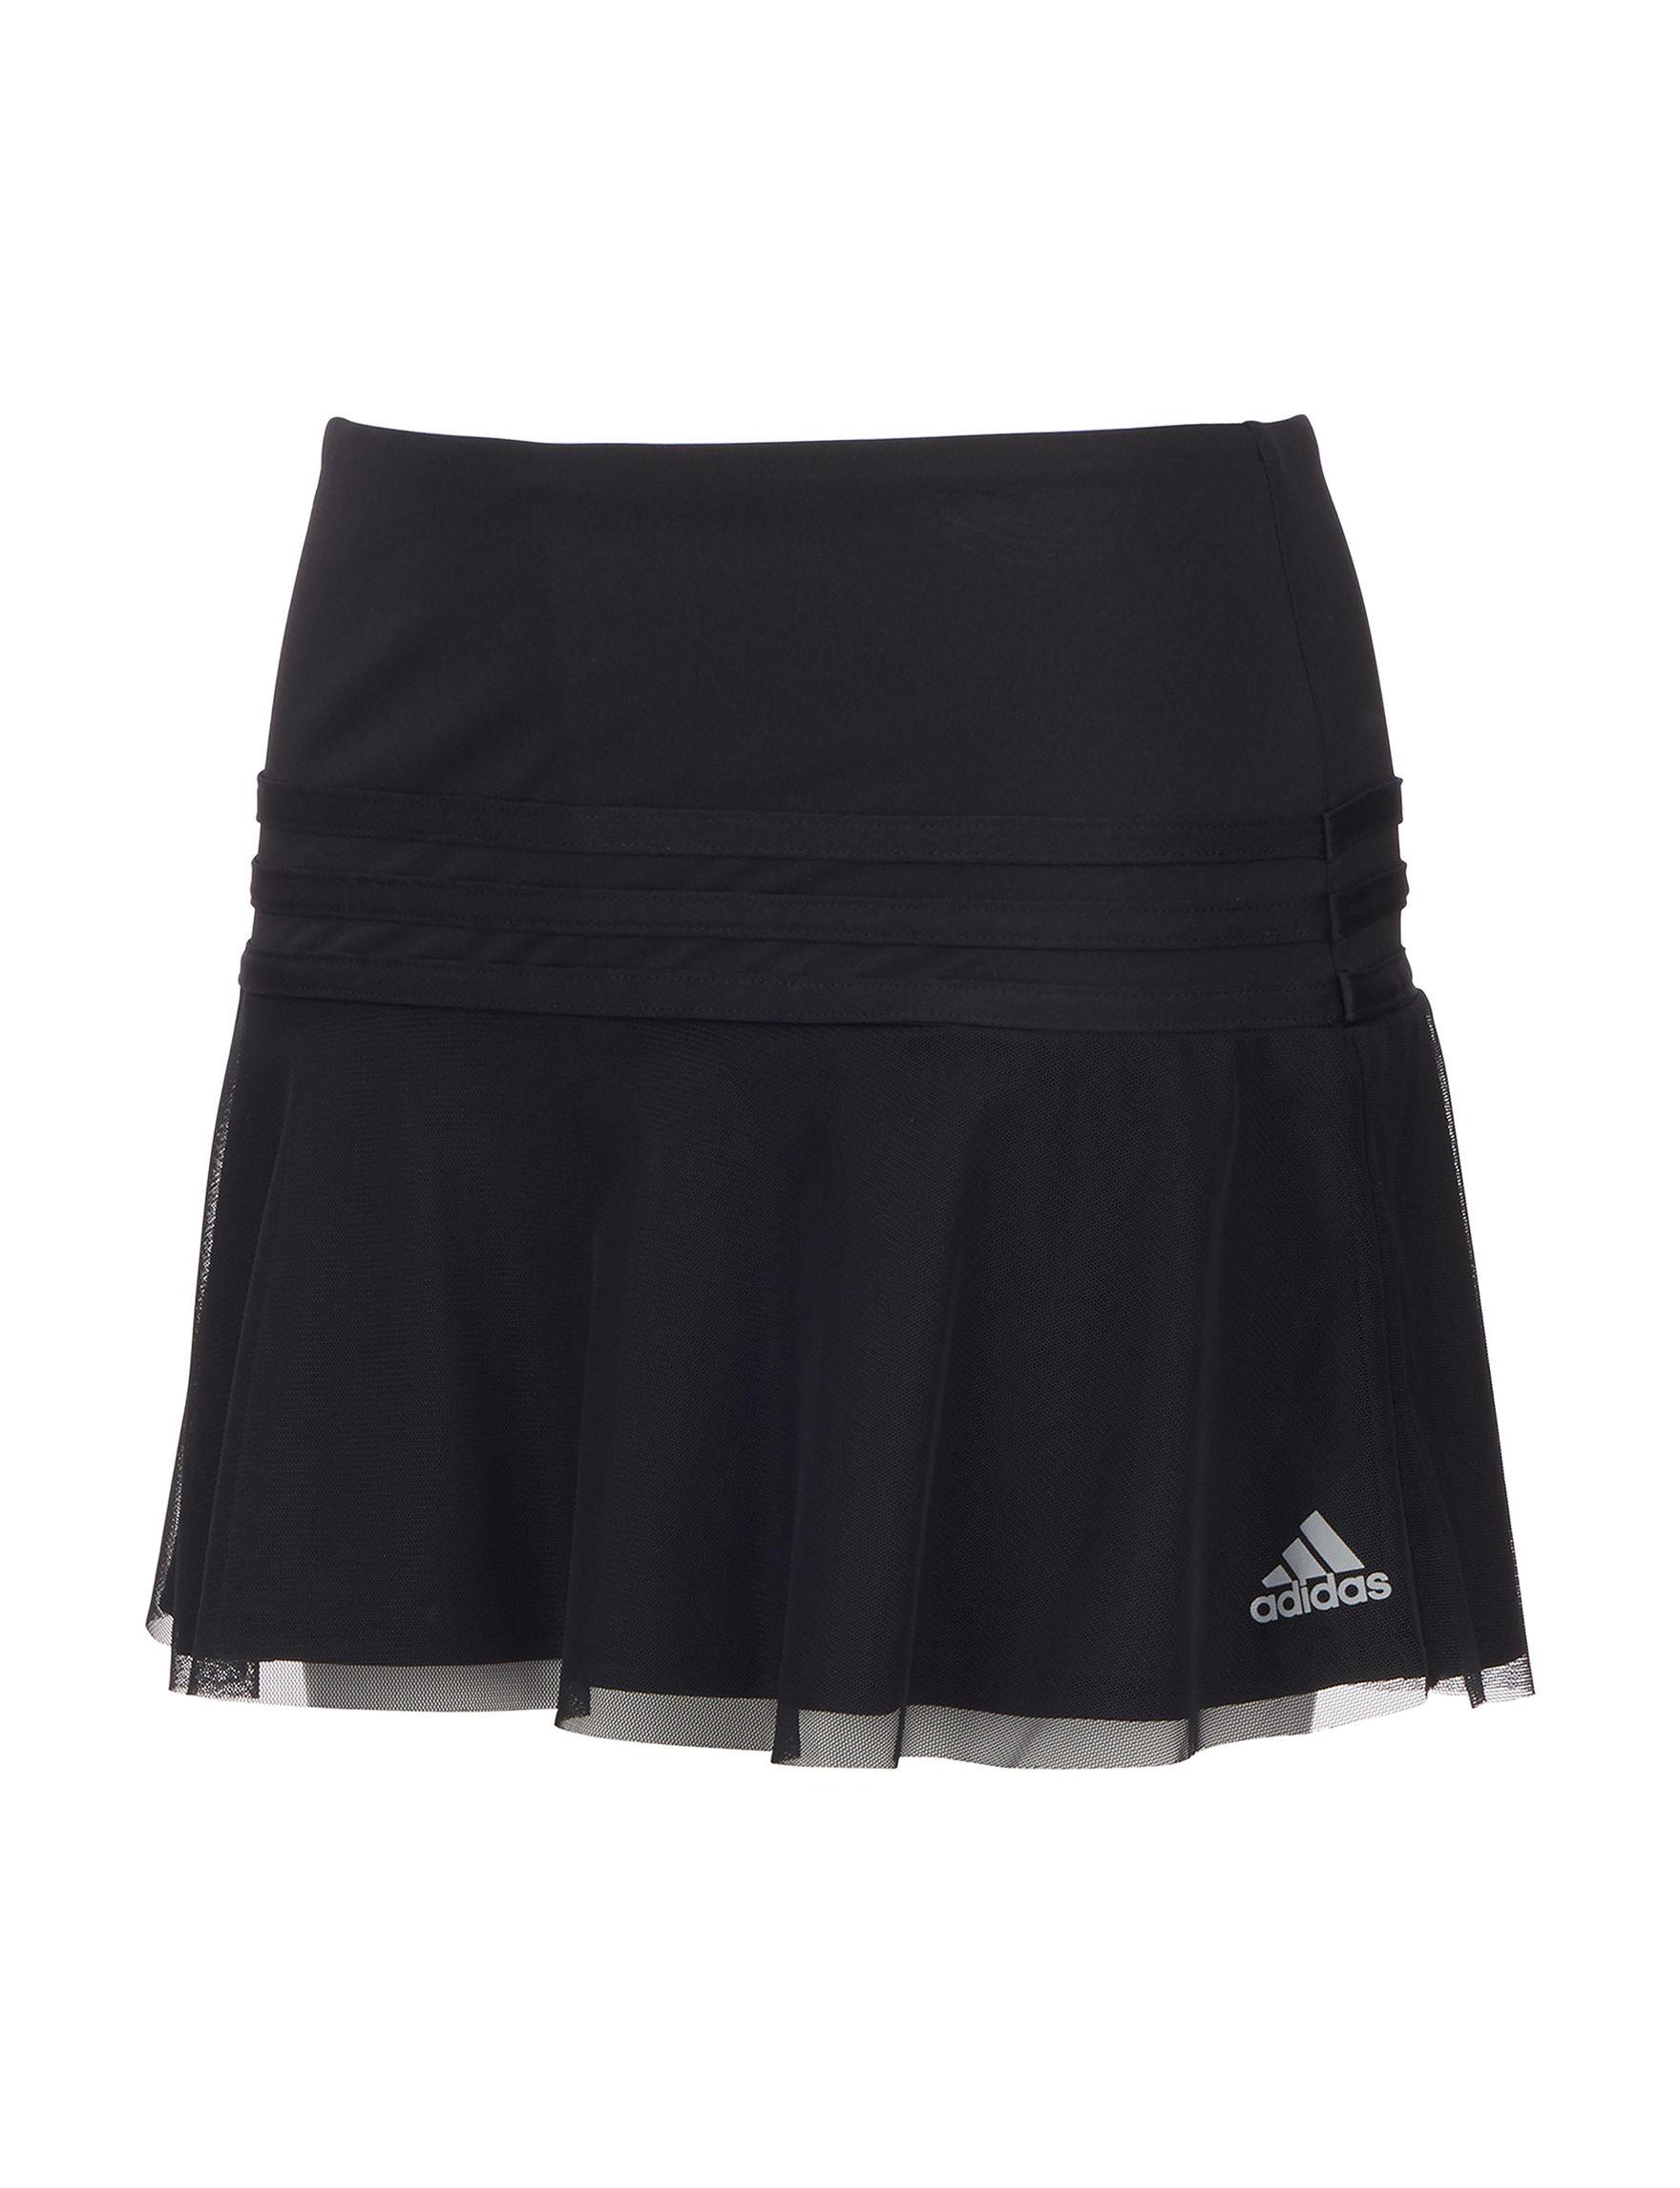 Adidas Black Skorts